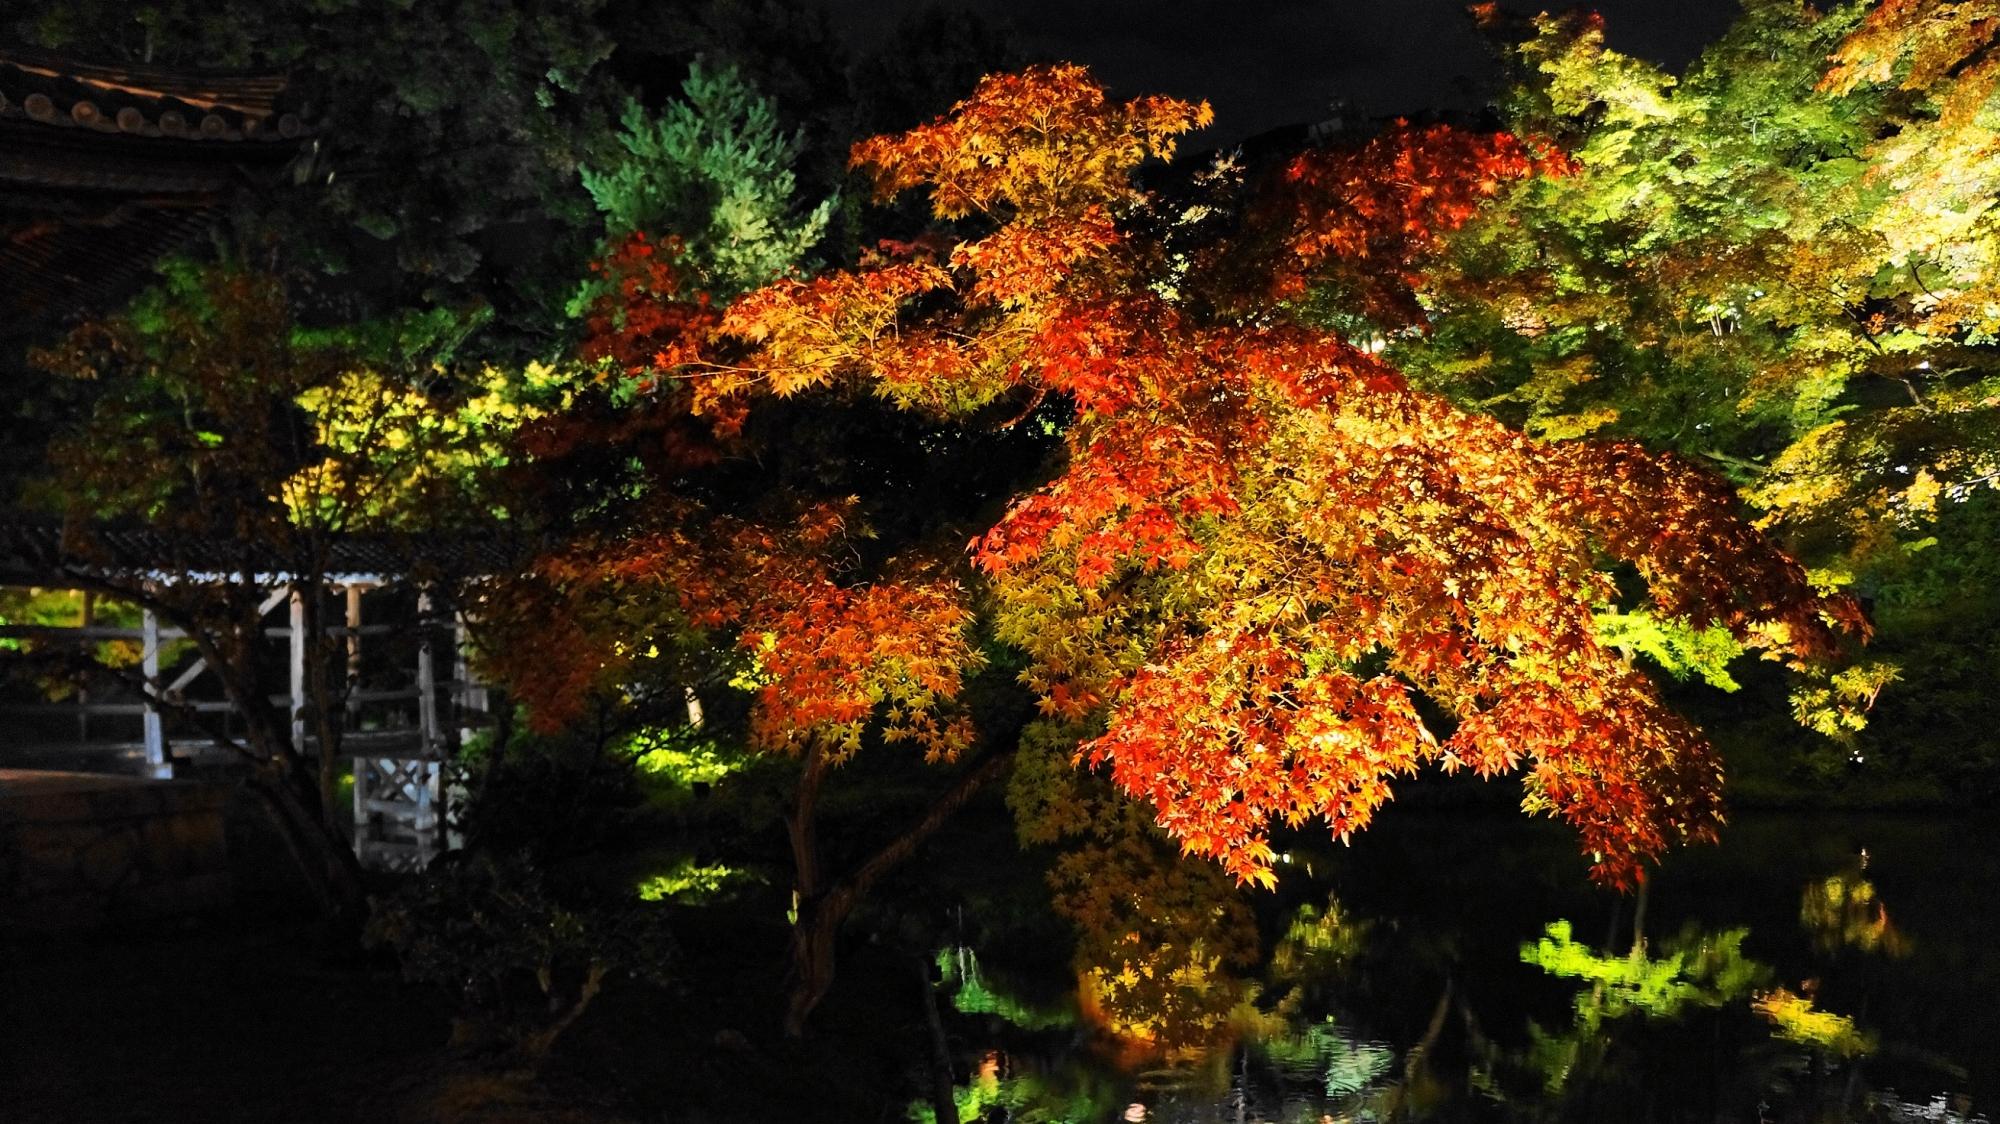 高台寺 庭園 臥龍池 紅葉 ライトアップ